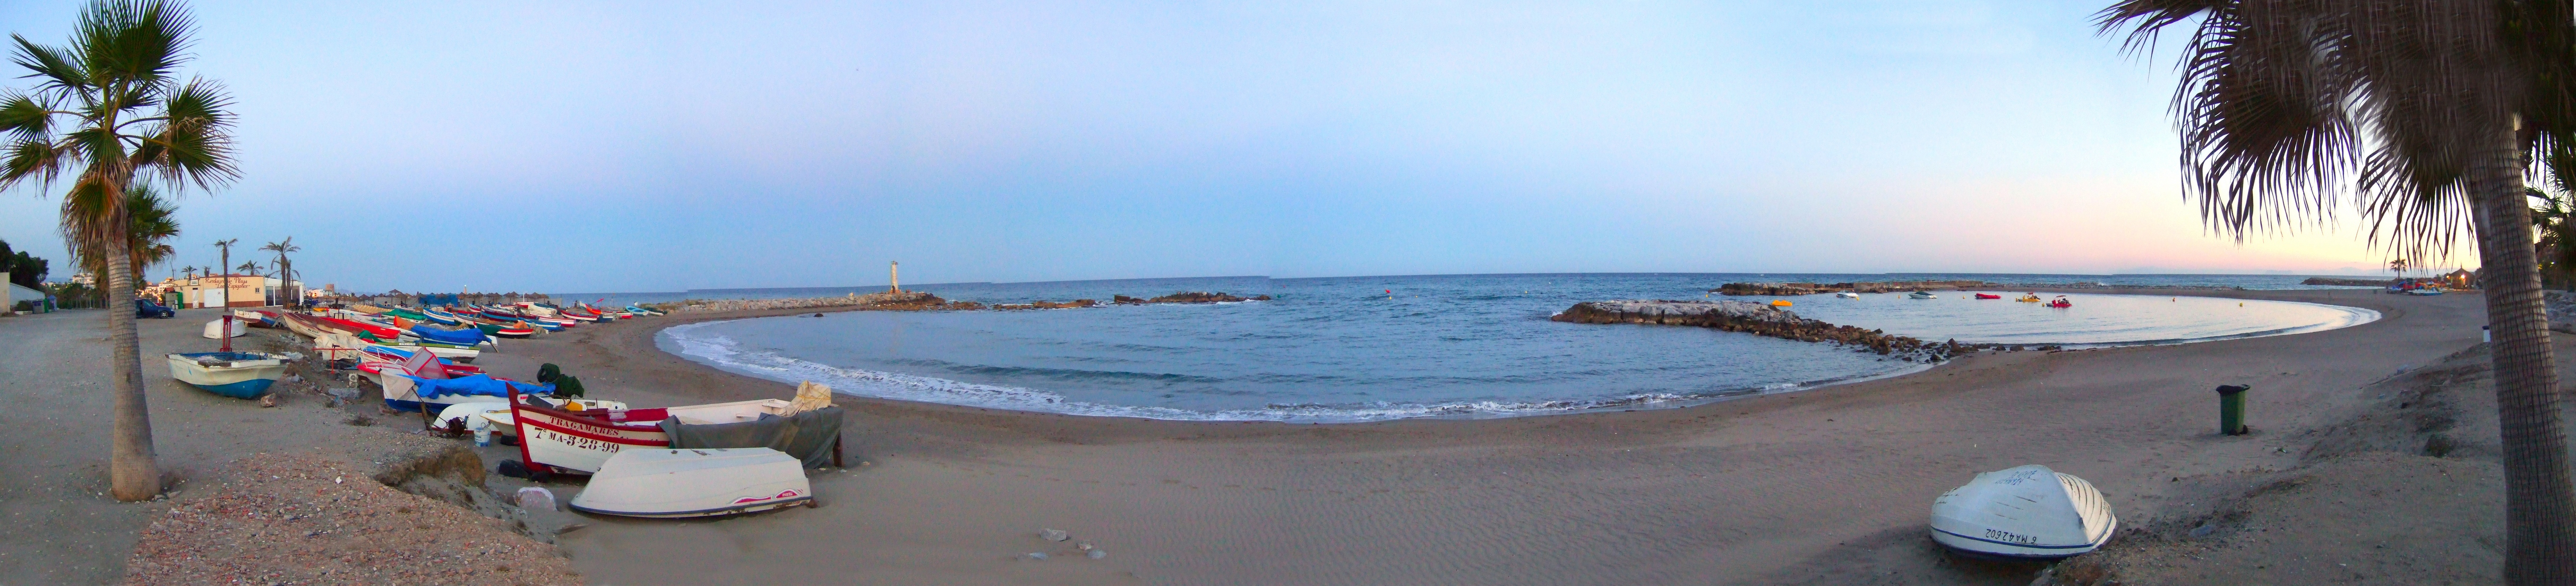 Foto playa Nueva Andalucía / Playa del Duque. Marbella - Puerto Banús